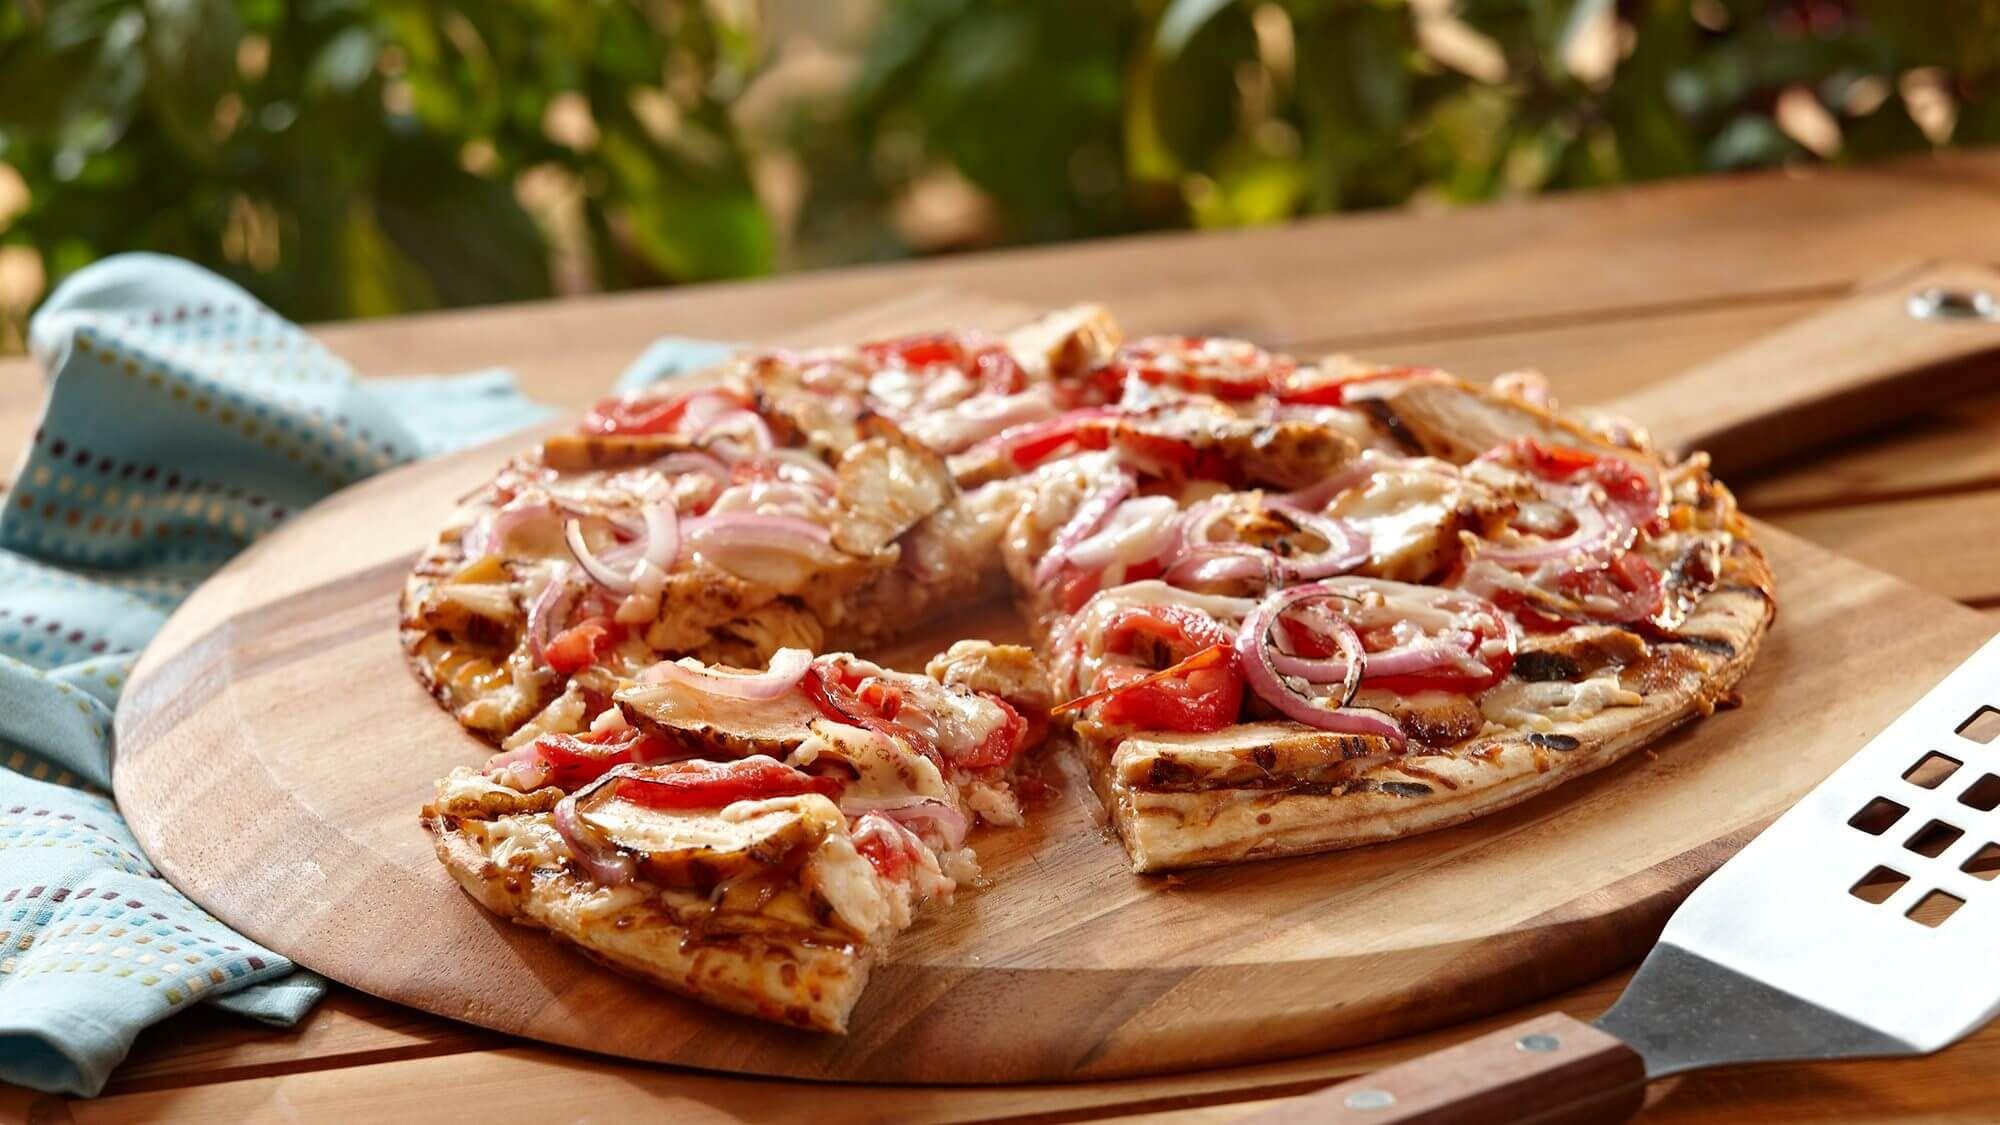 طريقة عمل عجينة البيتزا الهشة أخبارك دوت نت المحتويات تحبين عمل عجينة البيتزا بنفسك ولكنها دائما تصبح معك سميكة سنقدم لك Pizza Veggie Pizza Stuffed Peppers